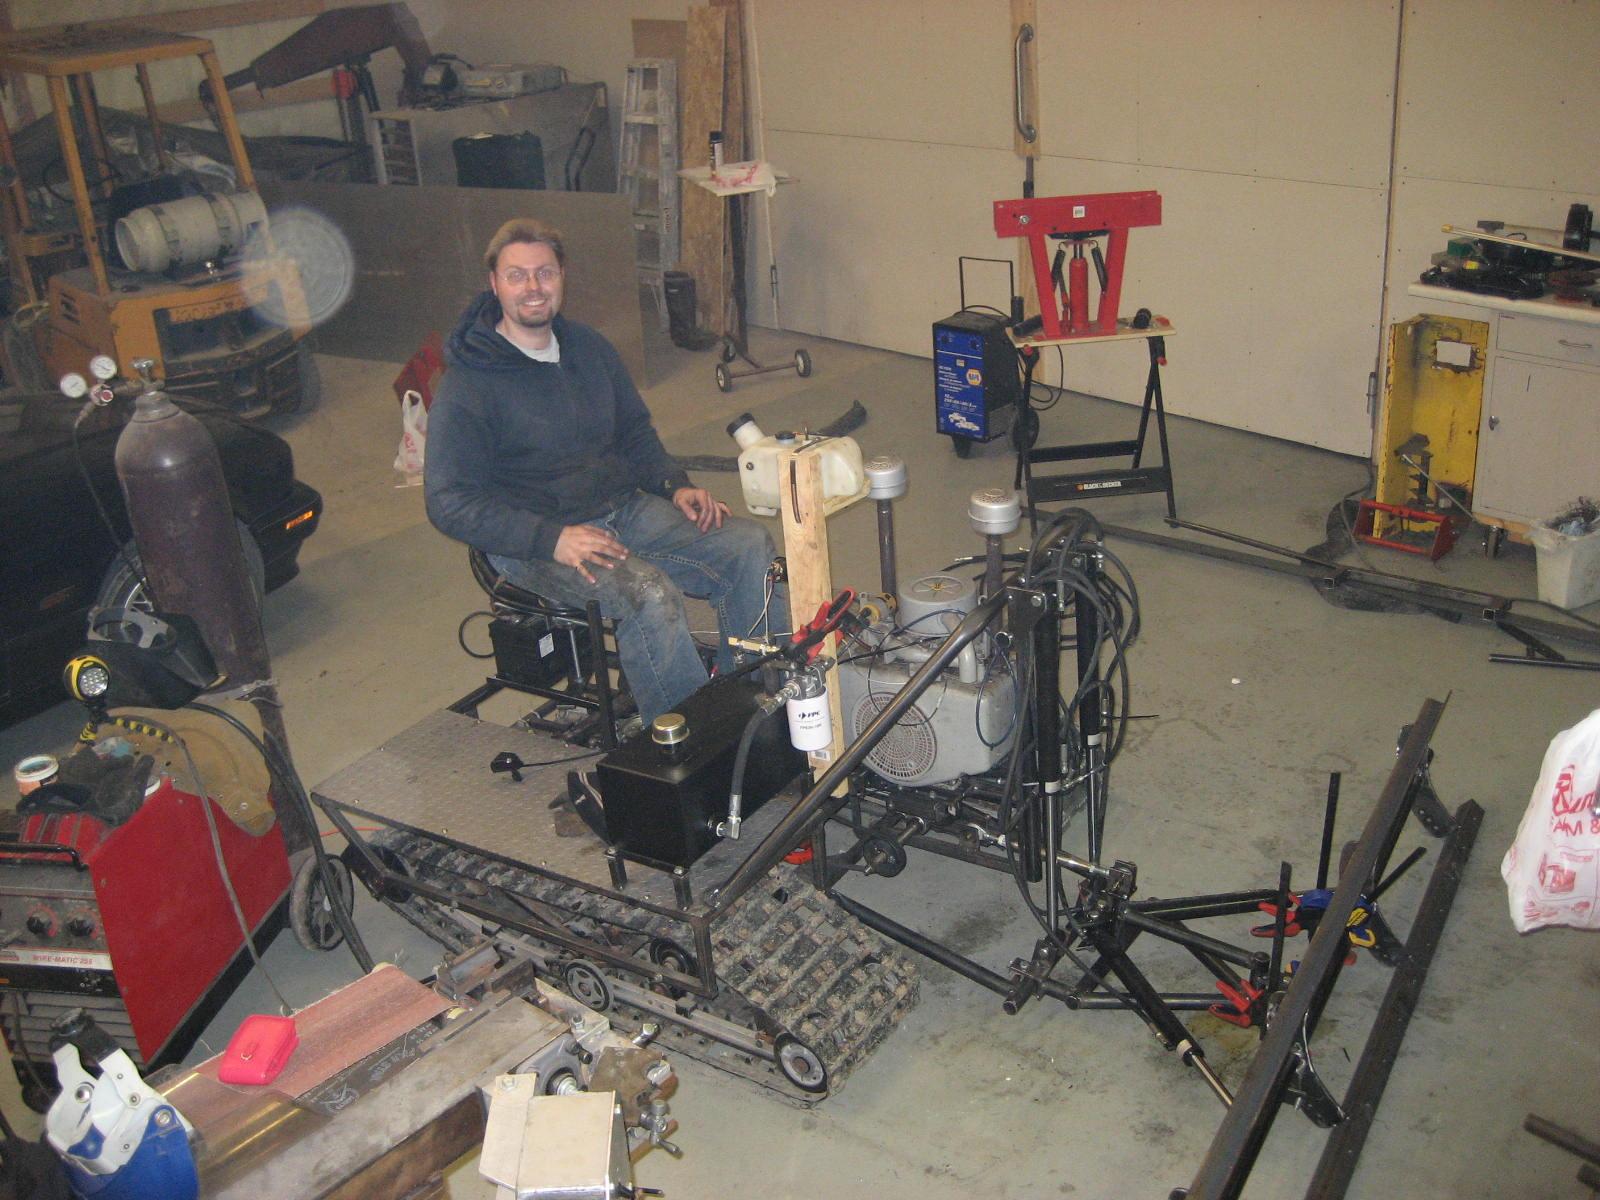 Testing the hydraulic system